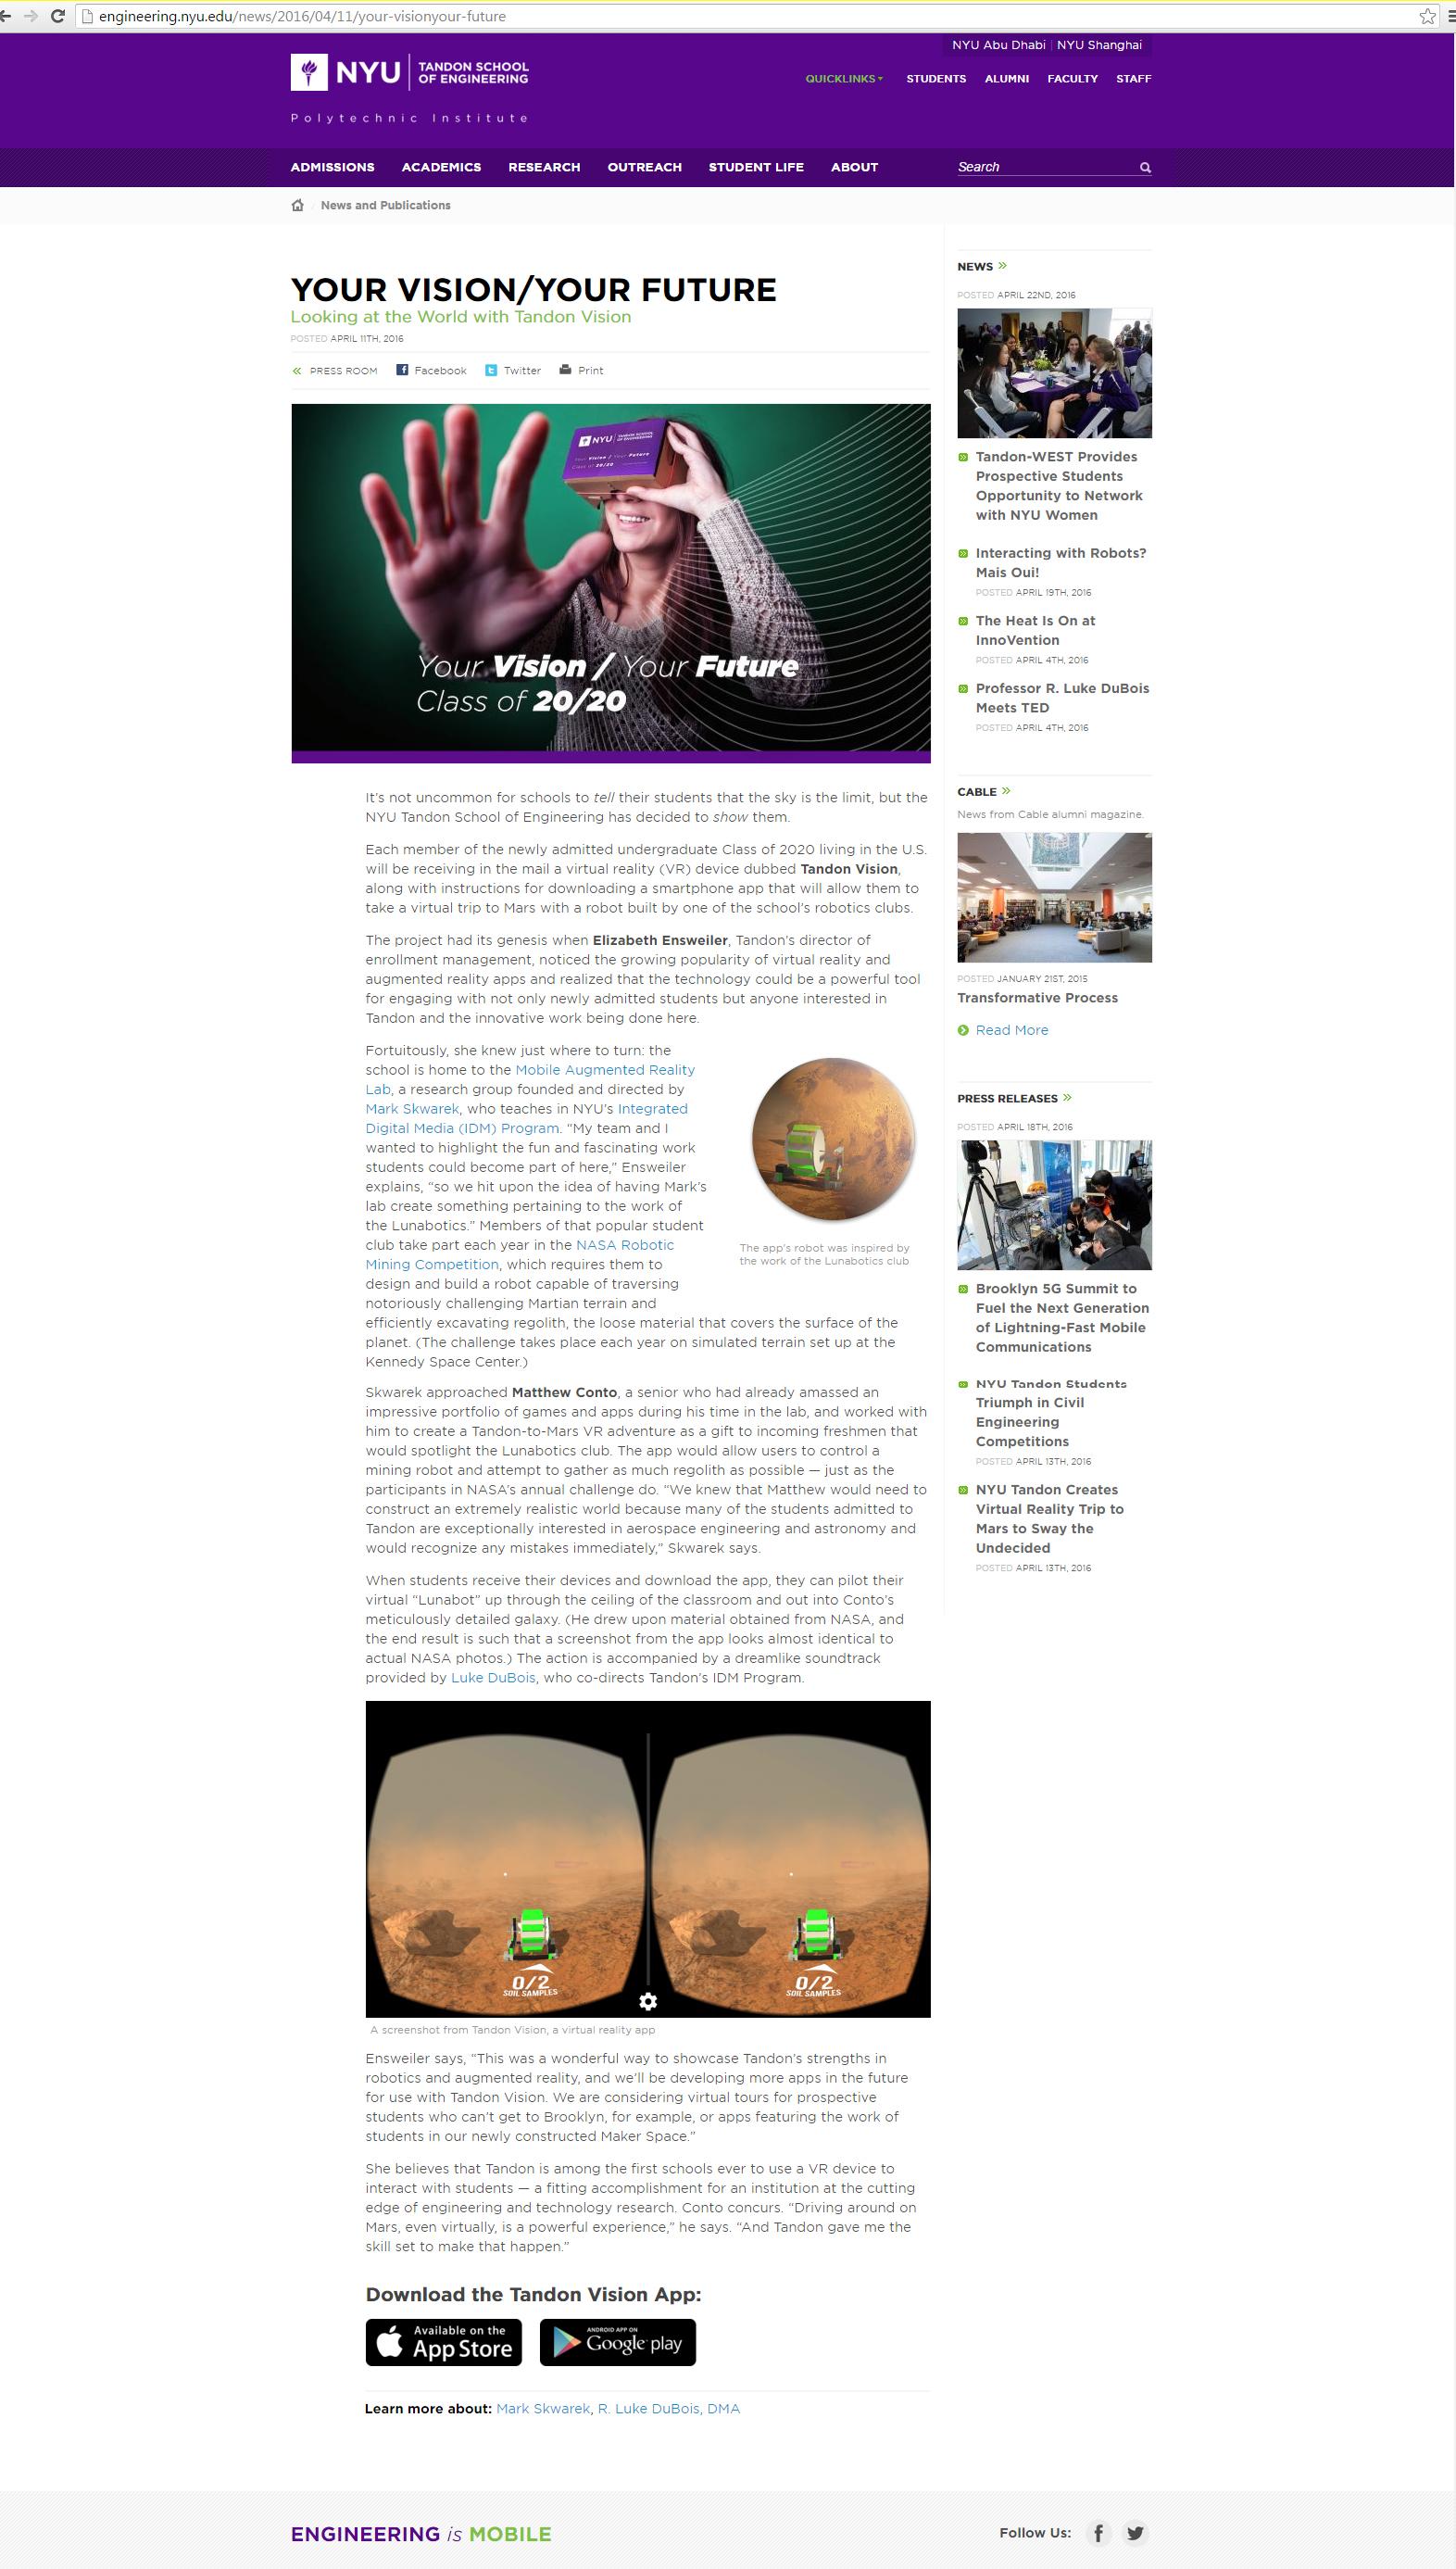 tandon_NYU_Skwarek_vision.jpeg